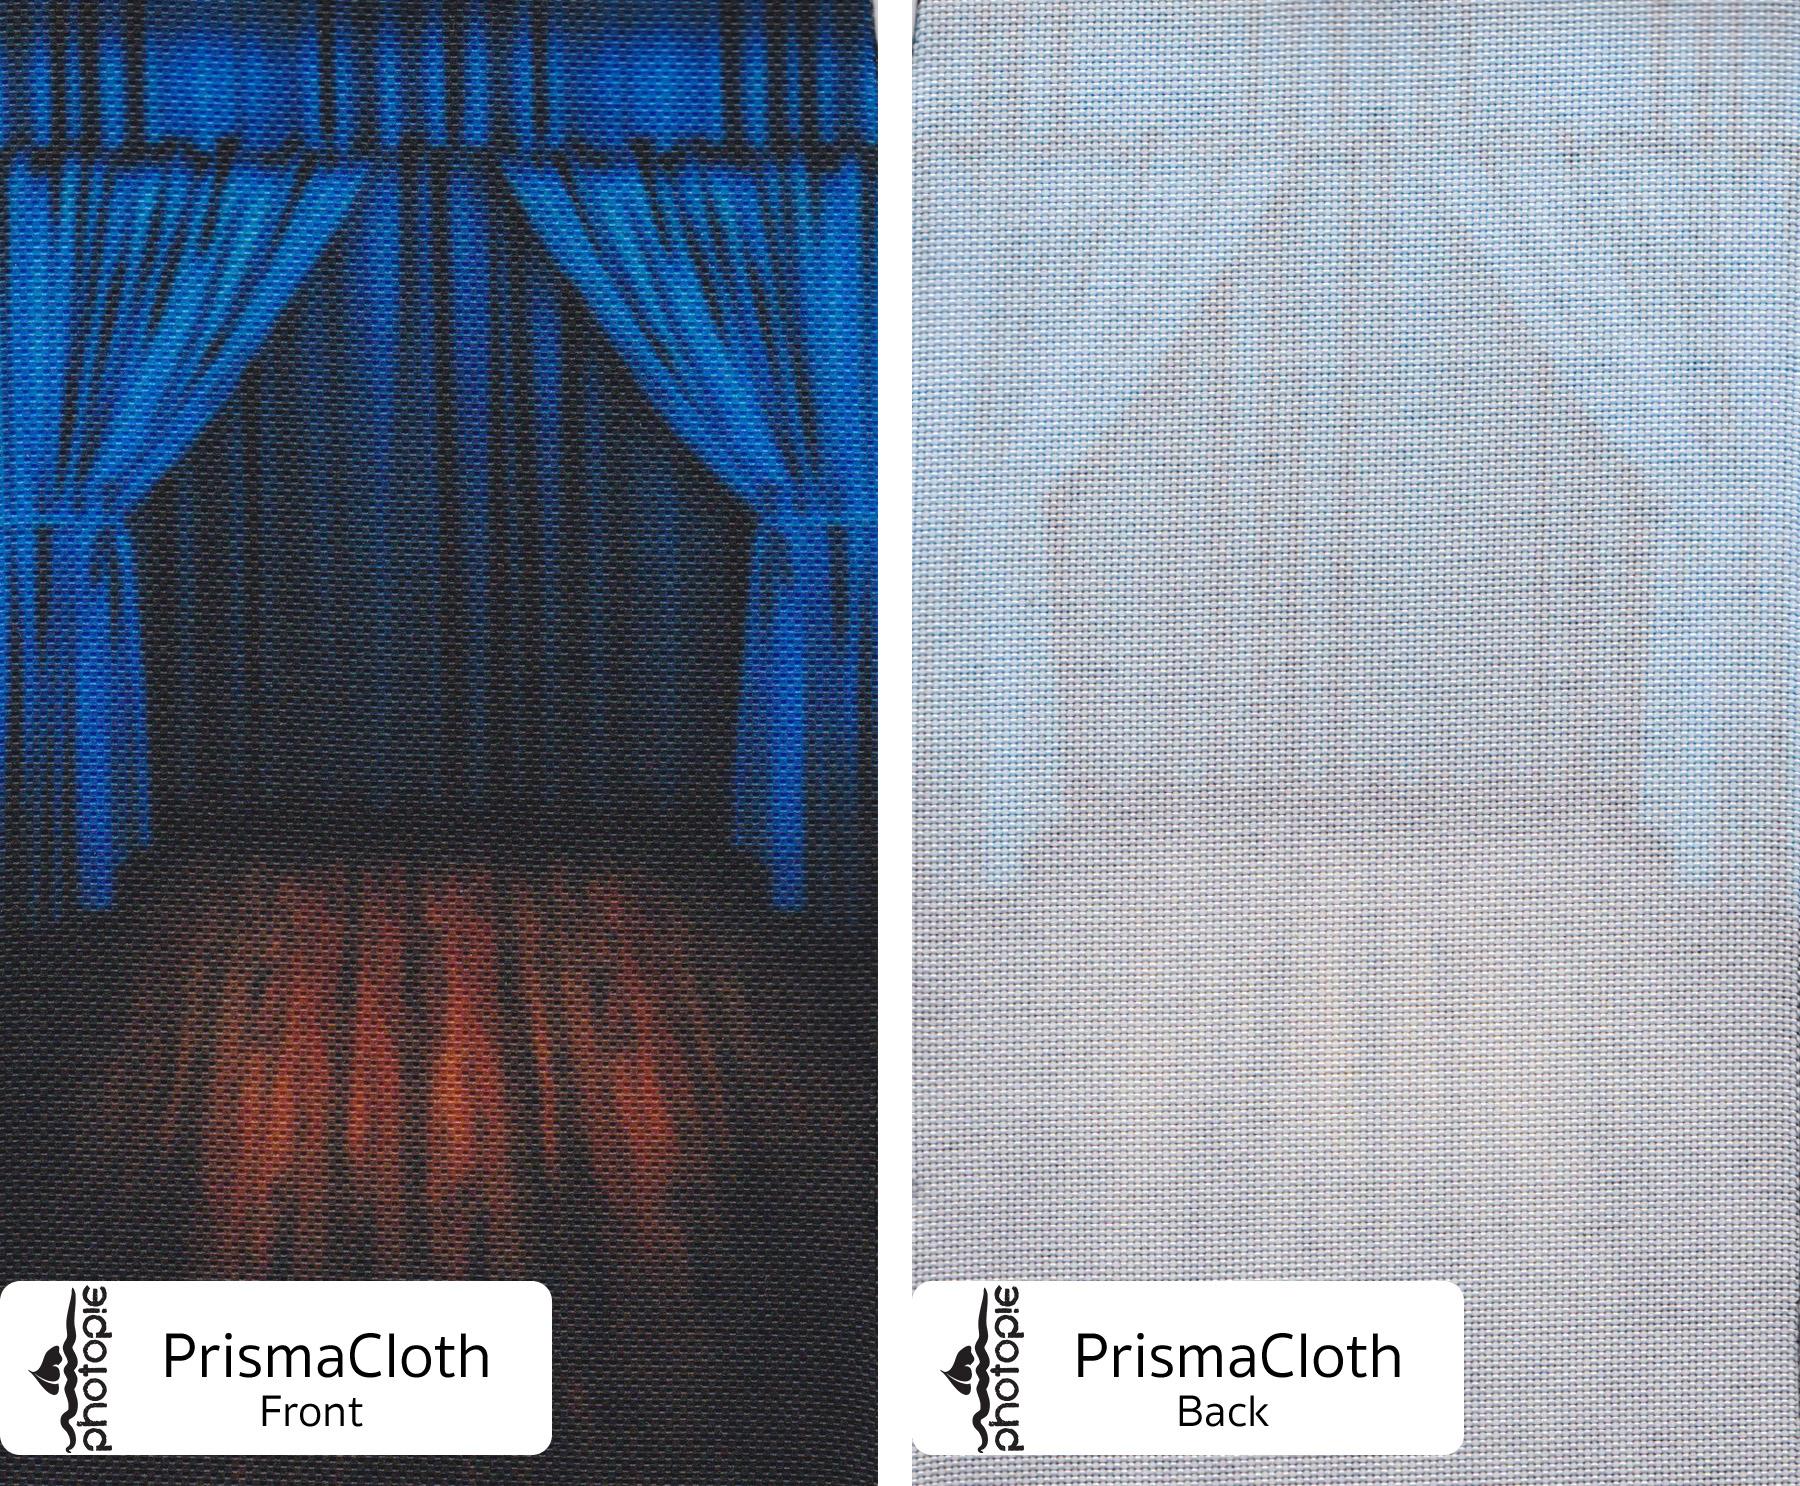 prismaclothlg2.jpg